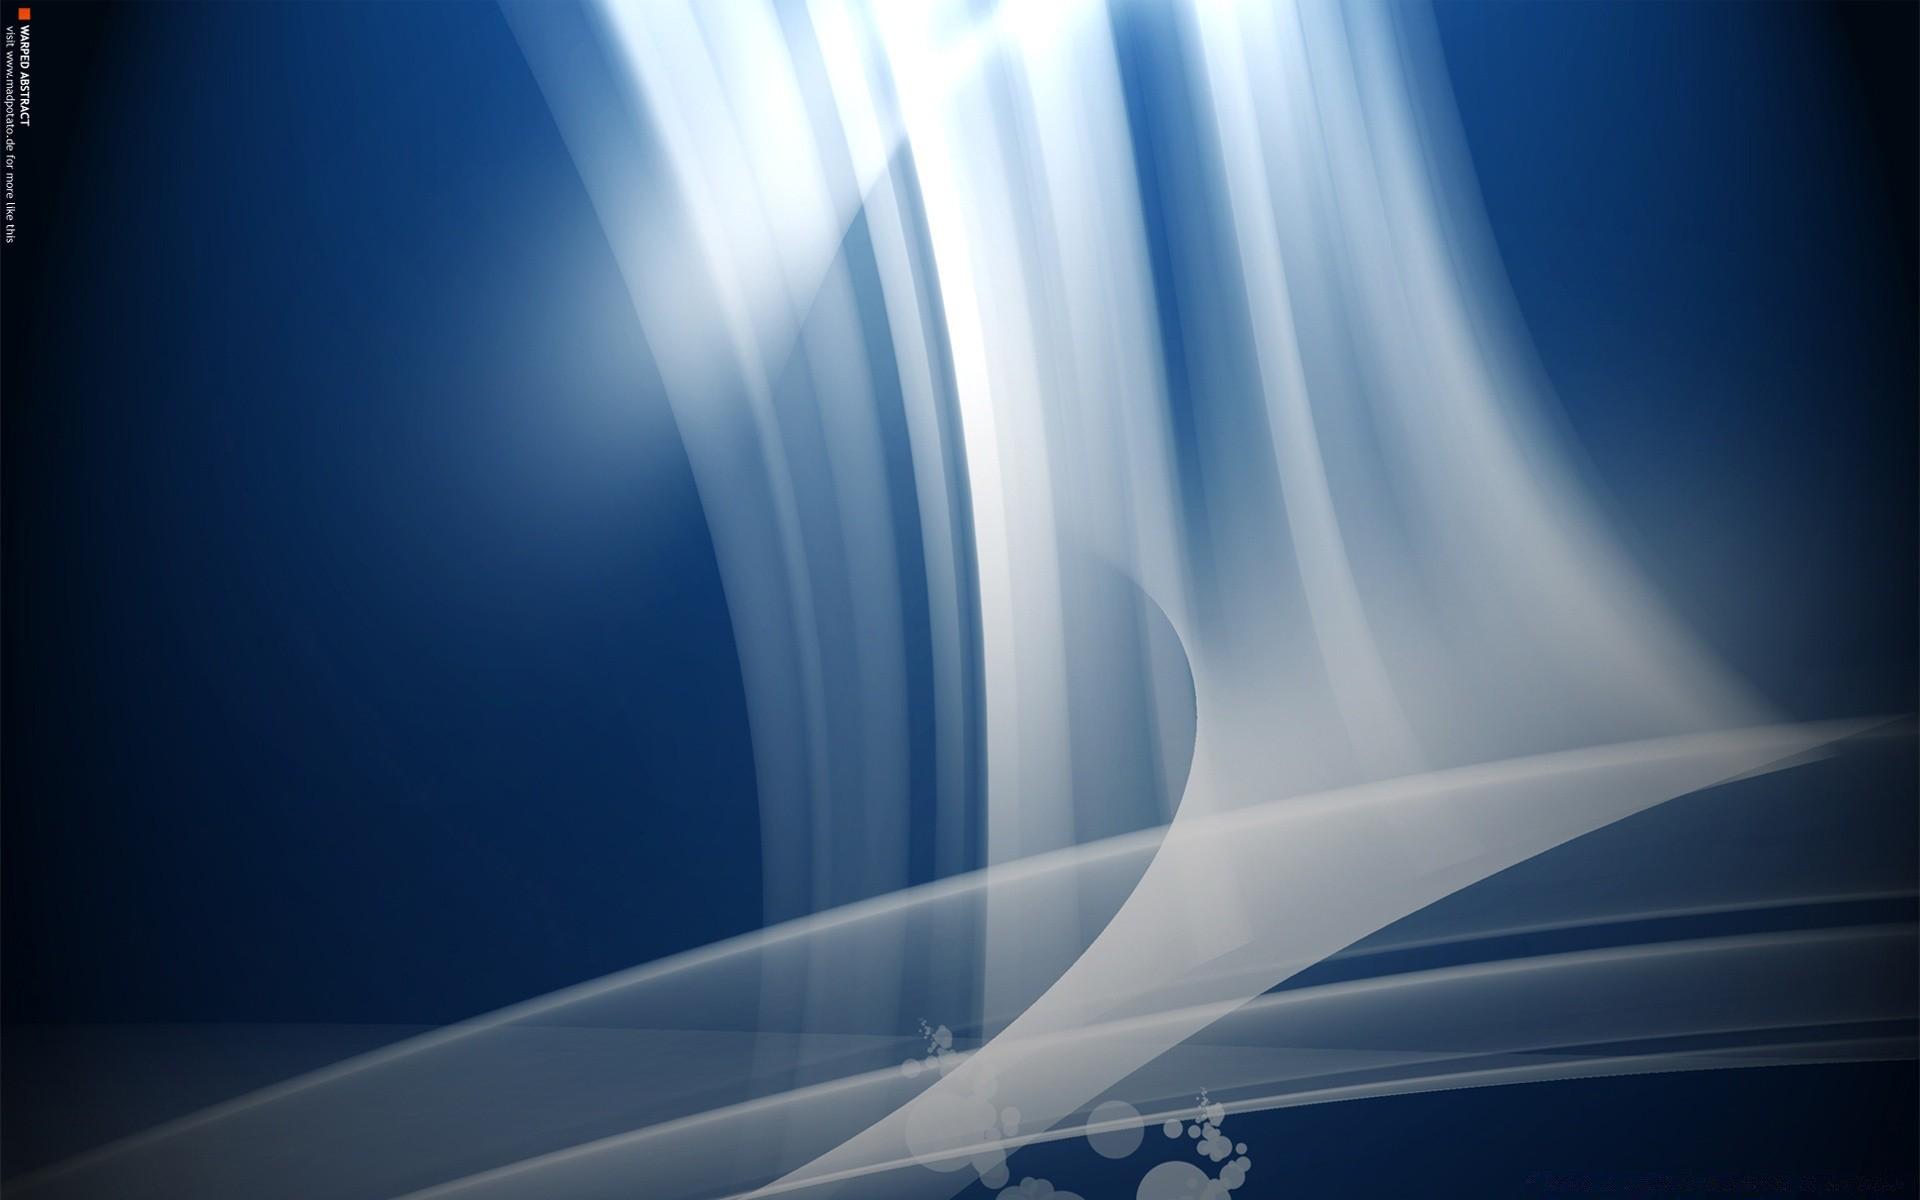 Обои кривая, свет, голубой, дуга, синий. Абстракции foto 16